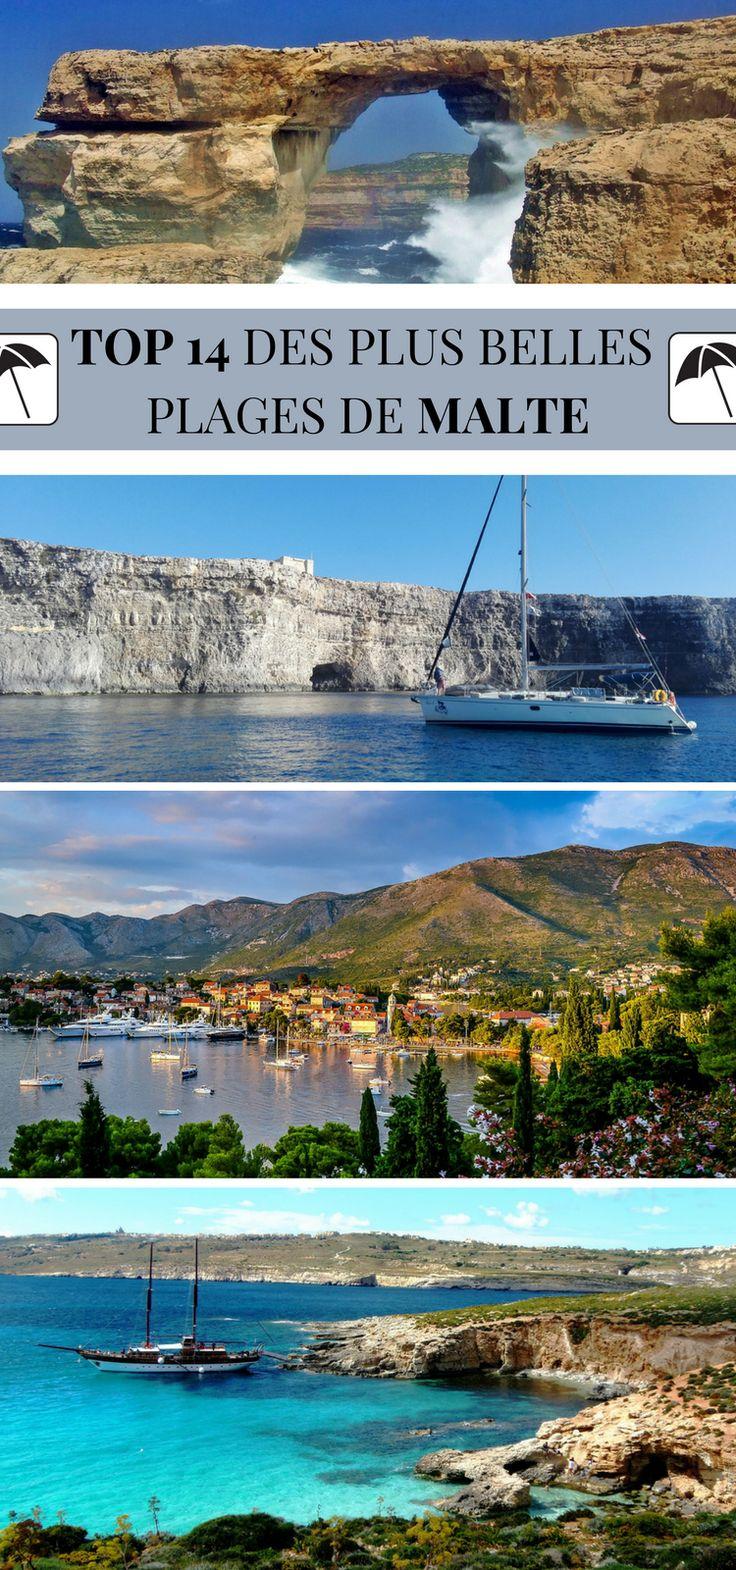 Malte ? Une magnifique île méditerranéenne, colorée et envoûtante. Où se baigner ? Malgré sa petite taille, l'île est surtout composée de falaises. Nous vous livrons notre TOP 14 ! #Malte #Plage #Topplages #Voyage